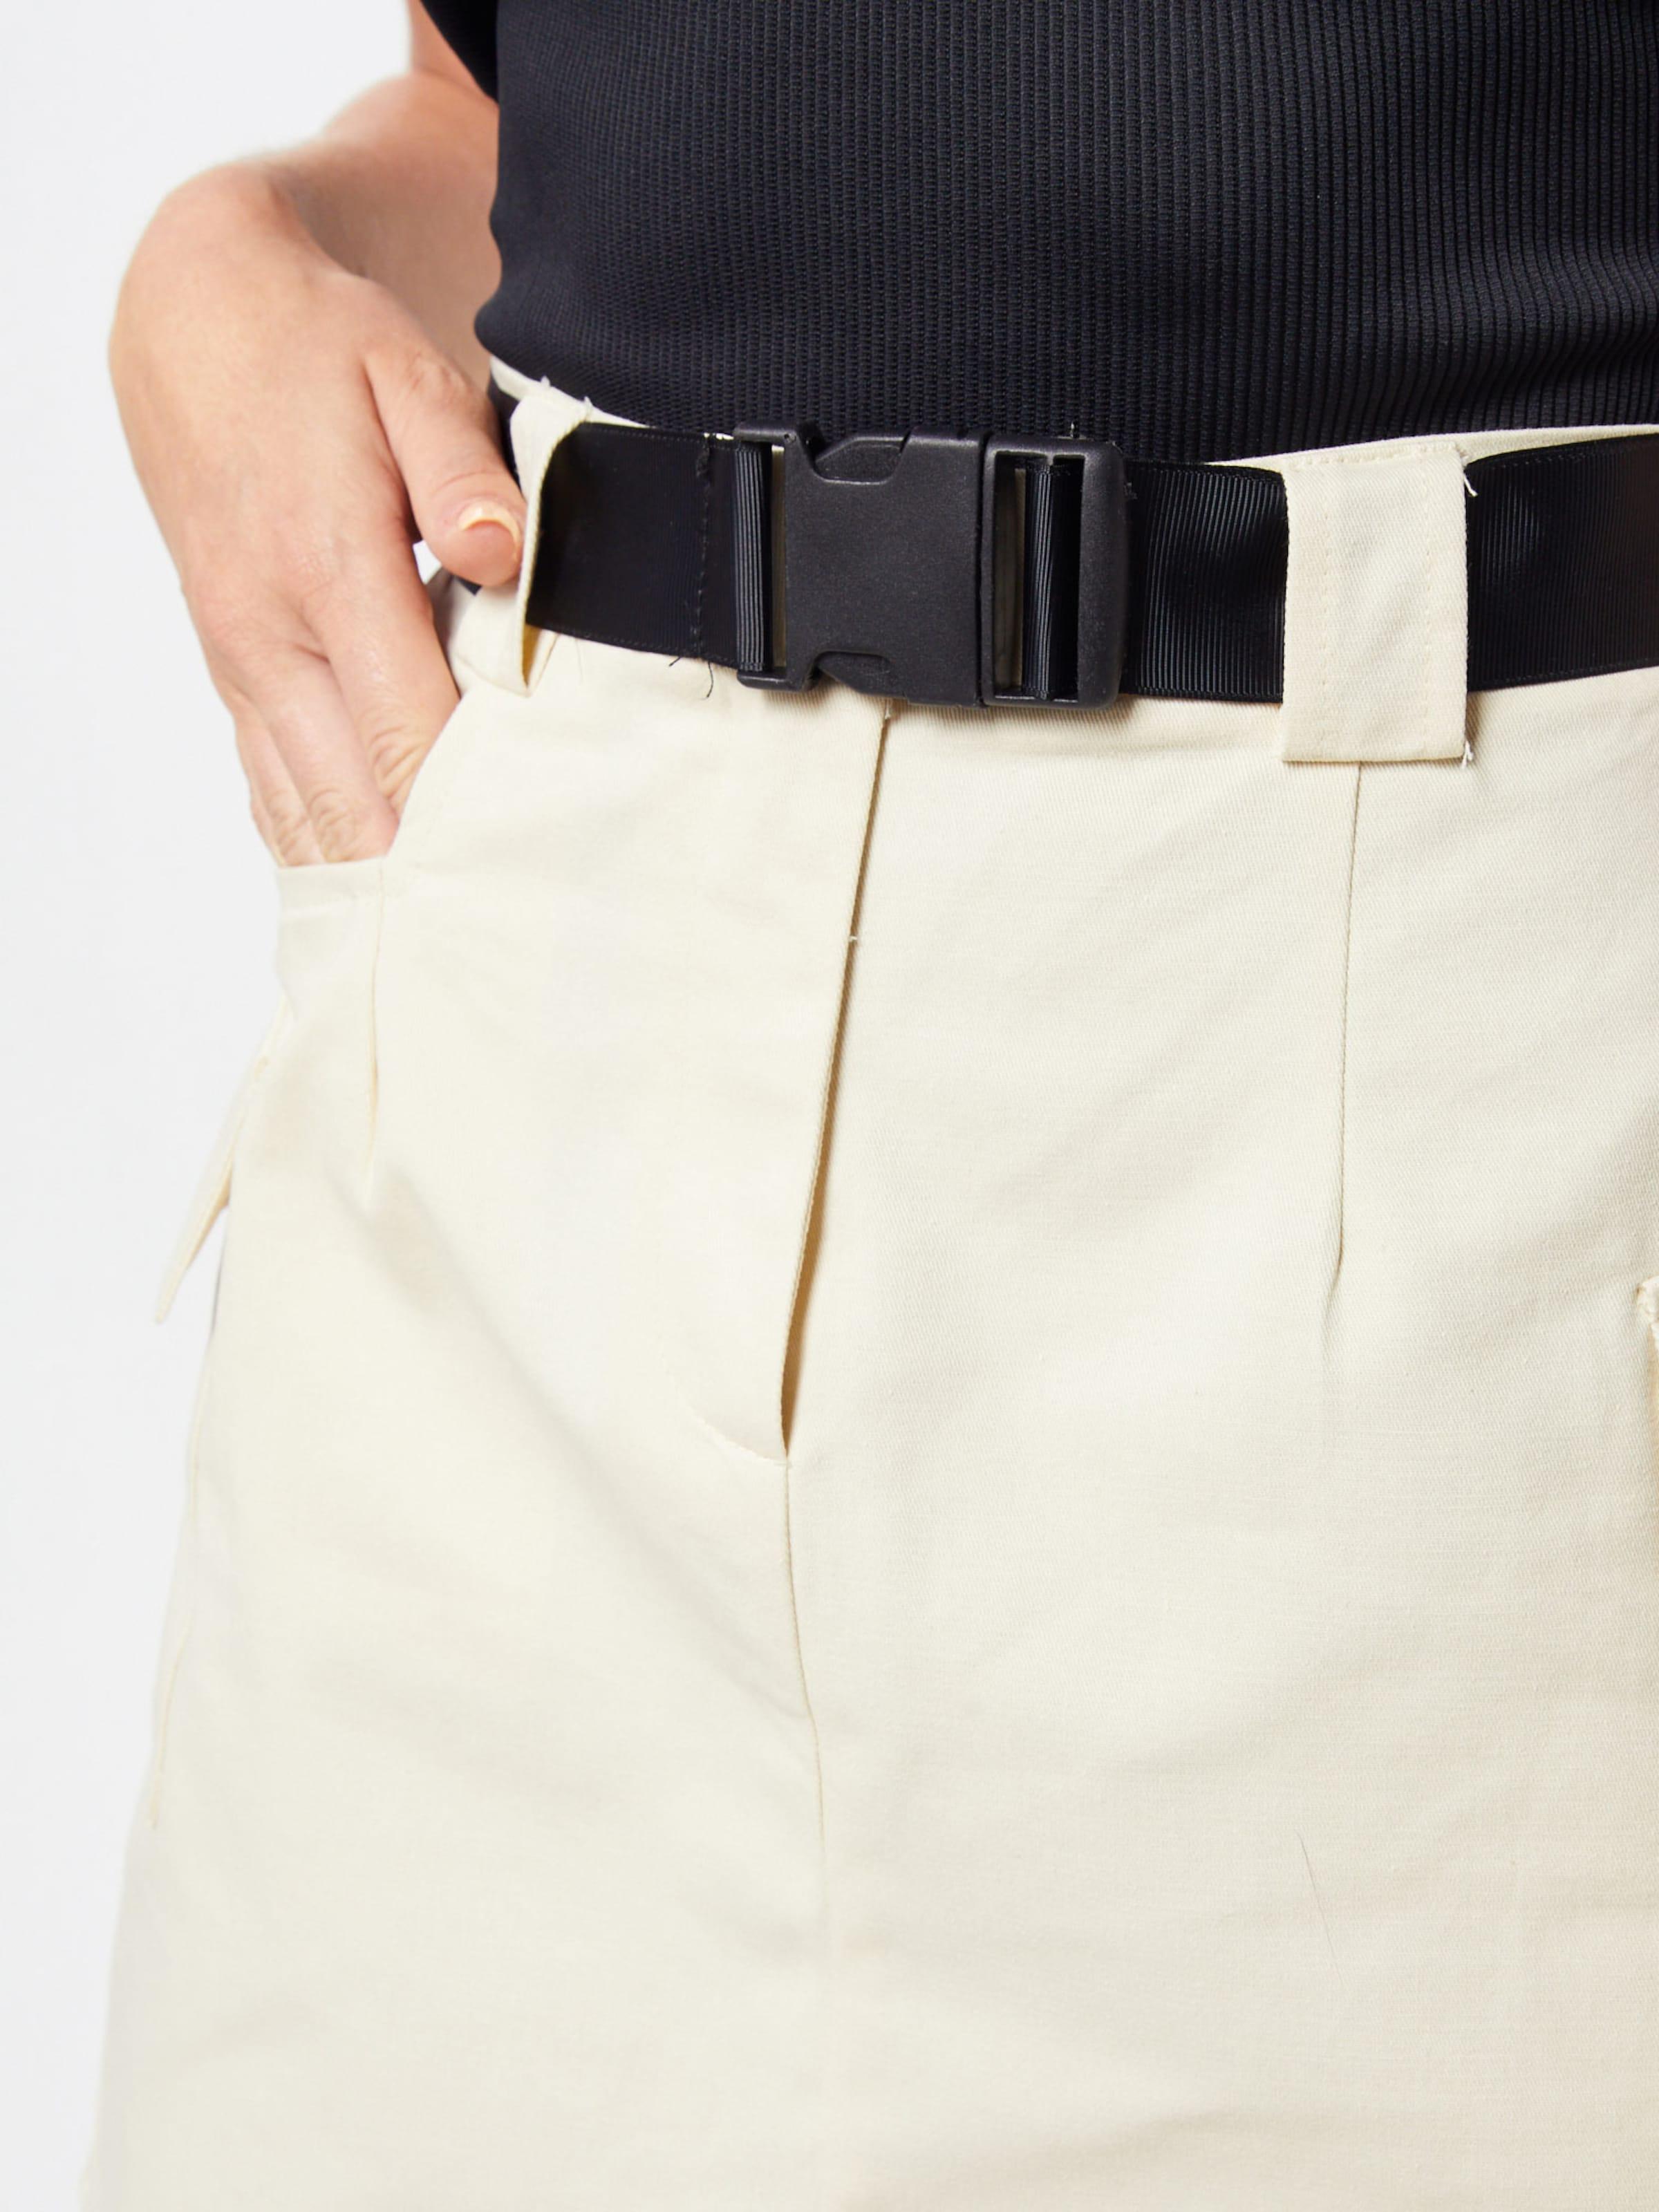 Jupe Missguided Utility Skirt' 'belted Kaki En mwyv0nPN8O